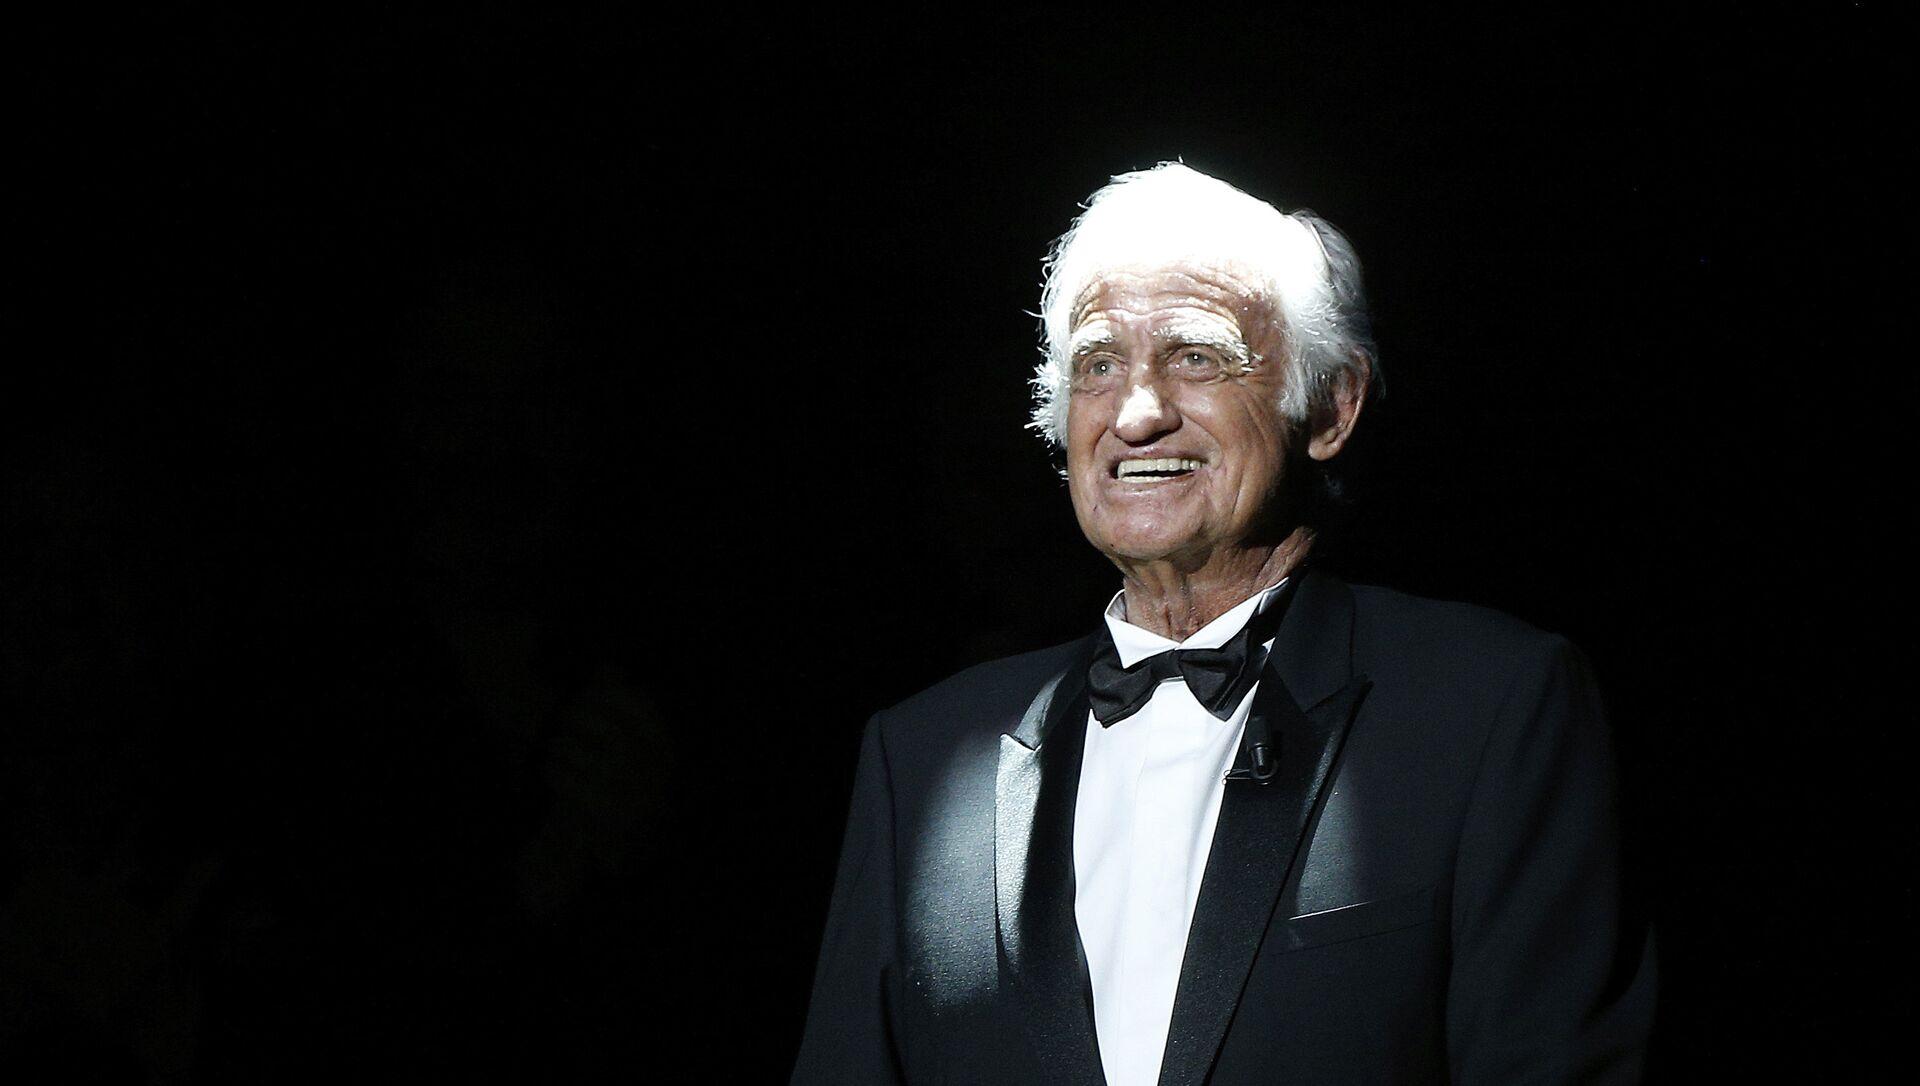 Французский актер Жан Поль Бельмондо появляется на сцене во время церемонии вручения 42-й премии Cesar Film Awards в Salle Pleyel в Париже, Франция - Sputnik Аҧсны, 1920, 07.09.2021